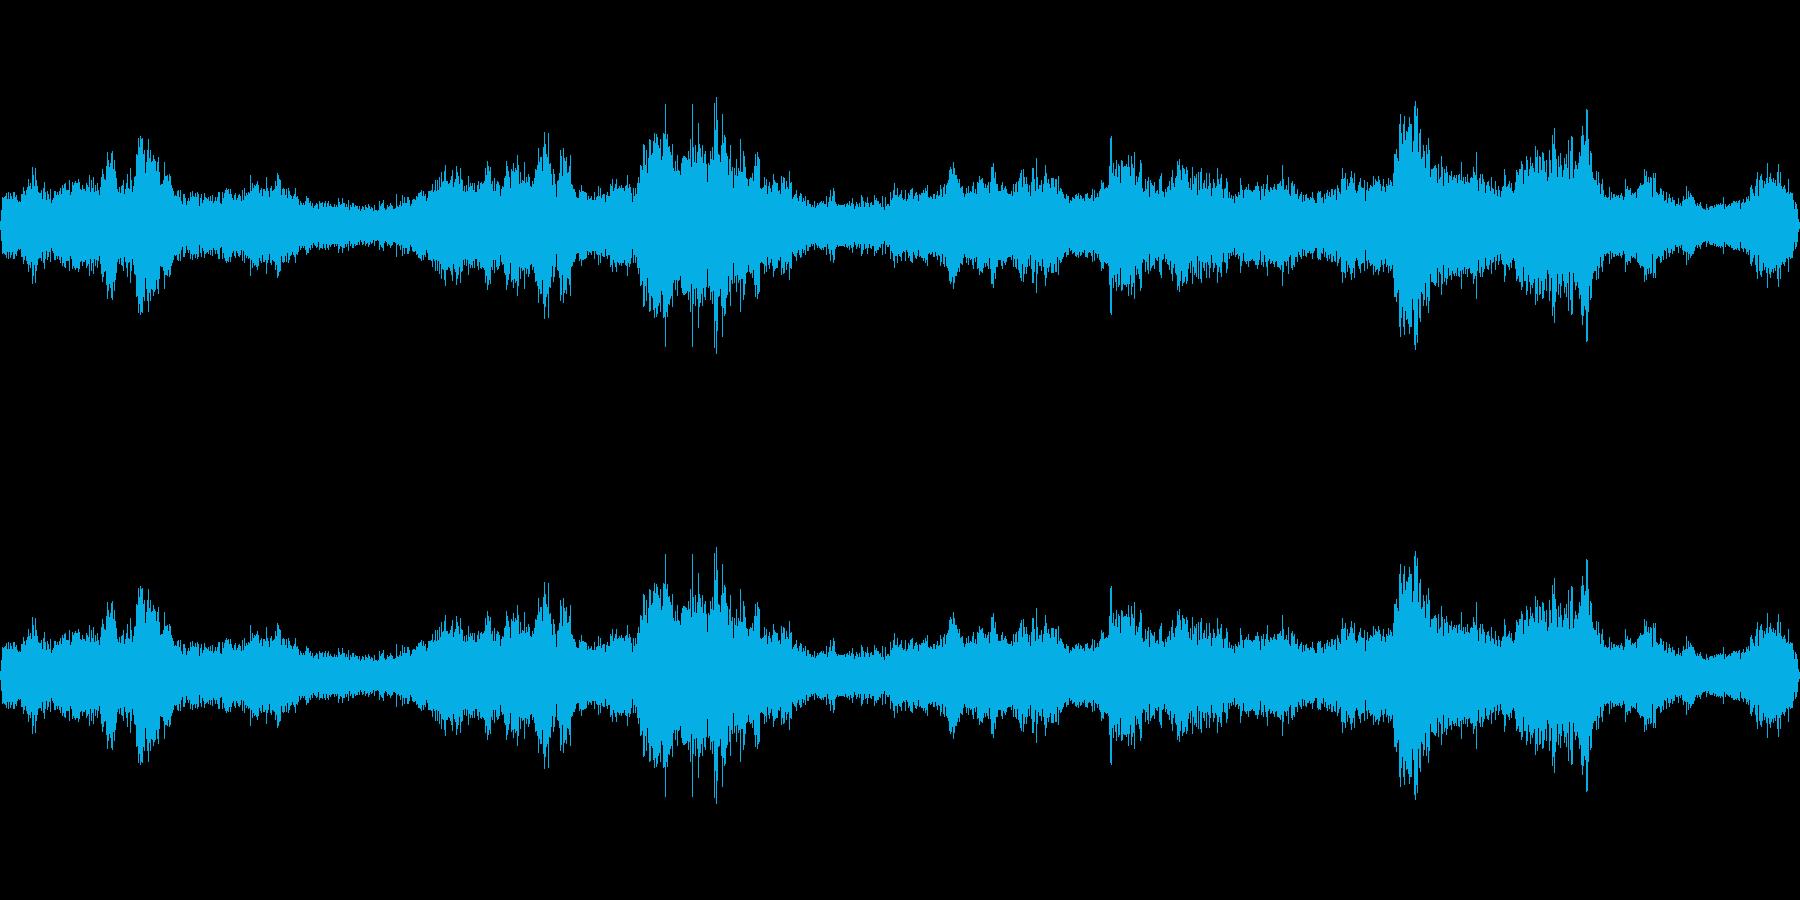 交通都市環境の声の再生済みの波形